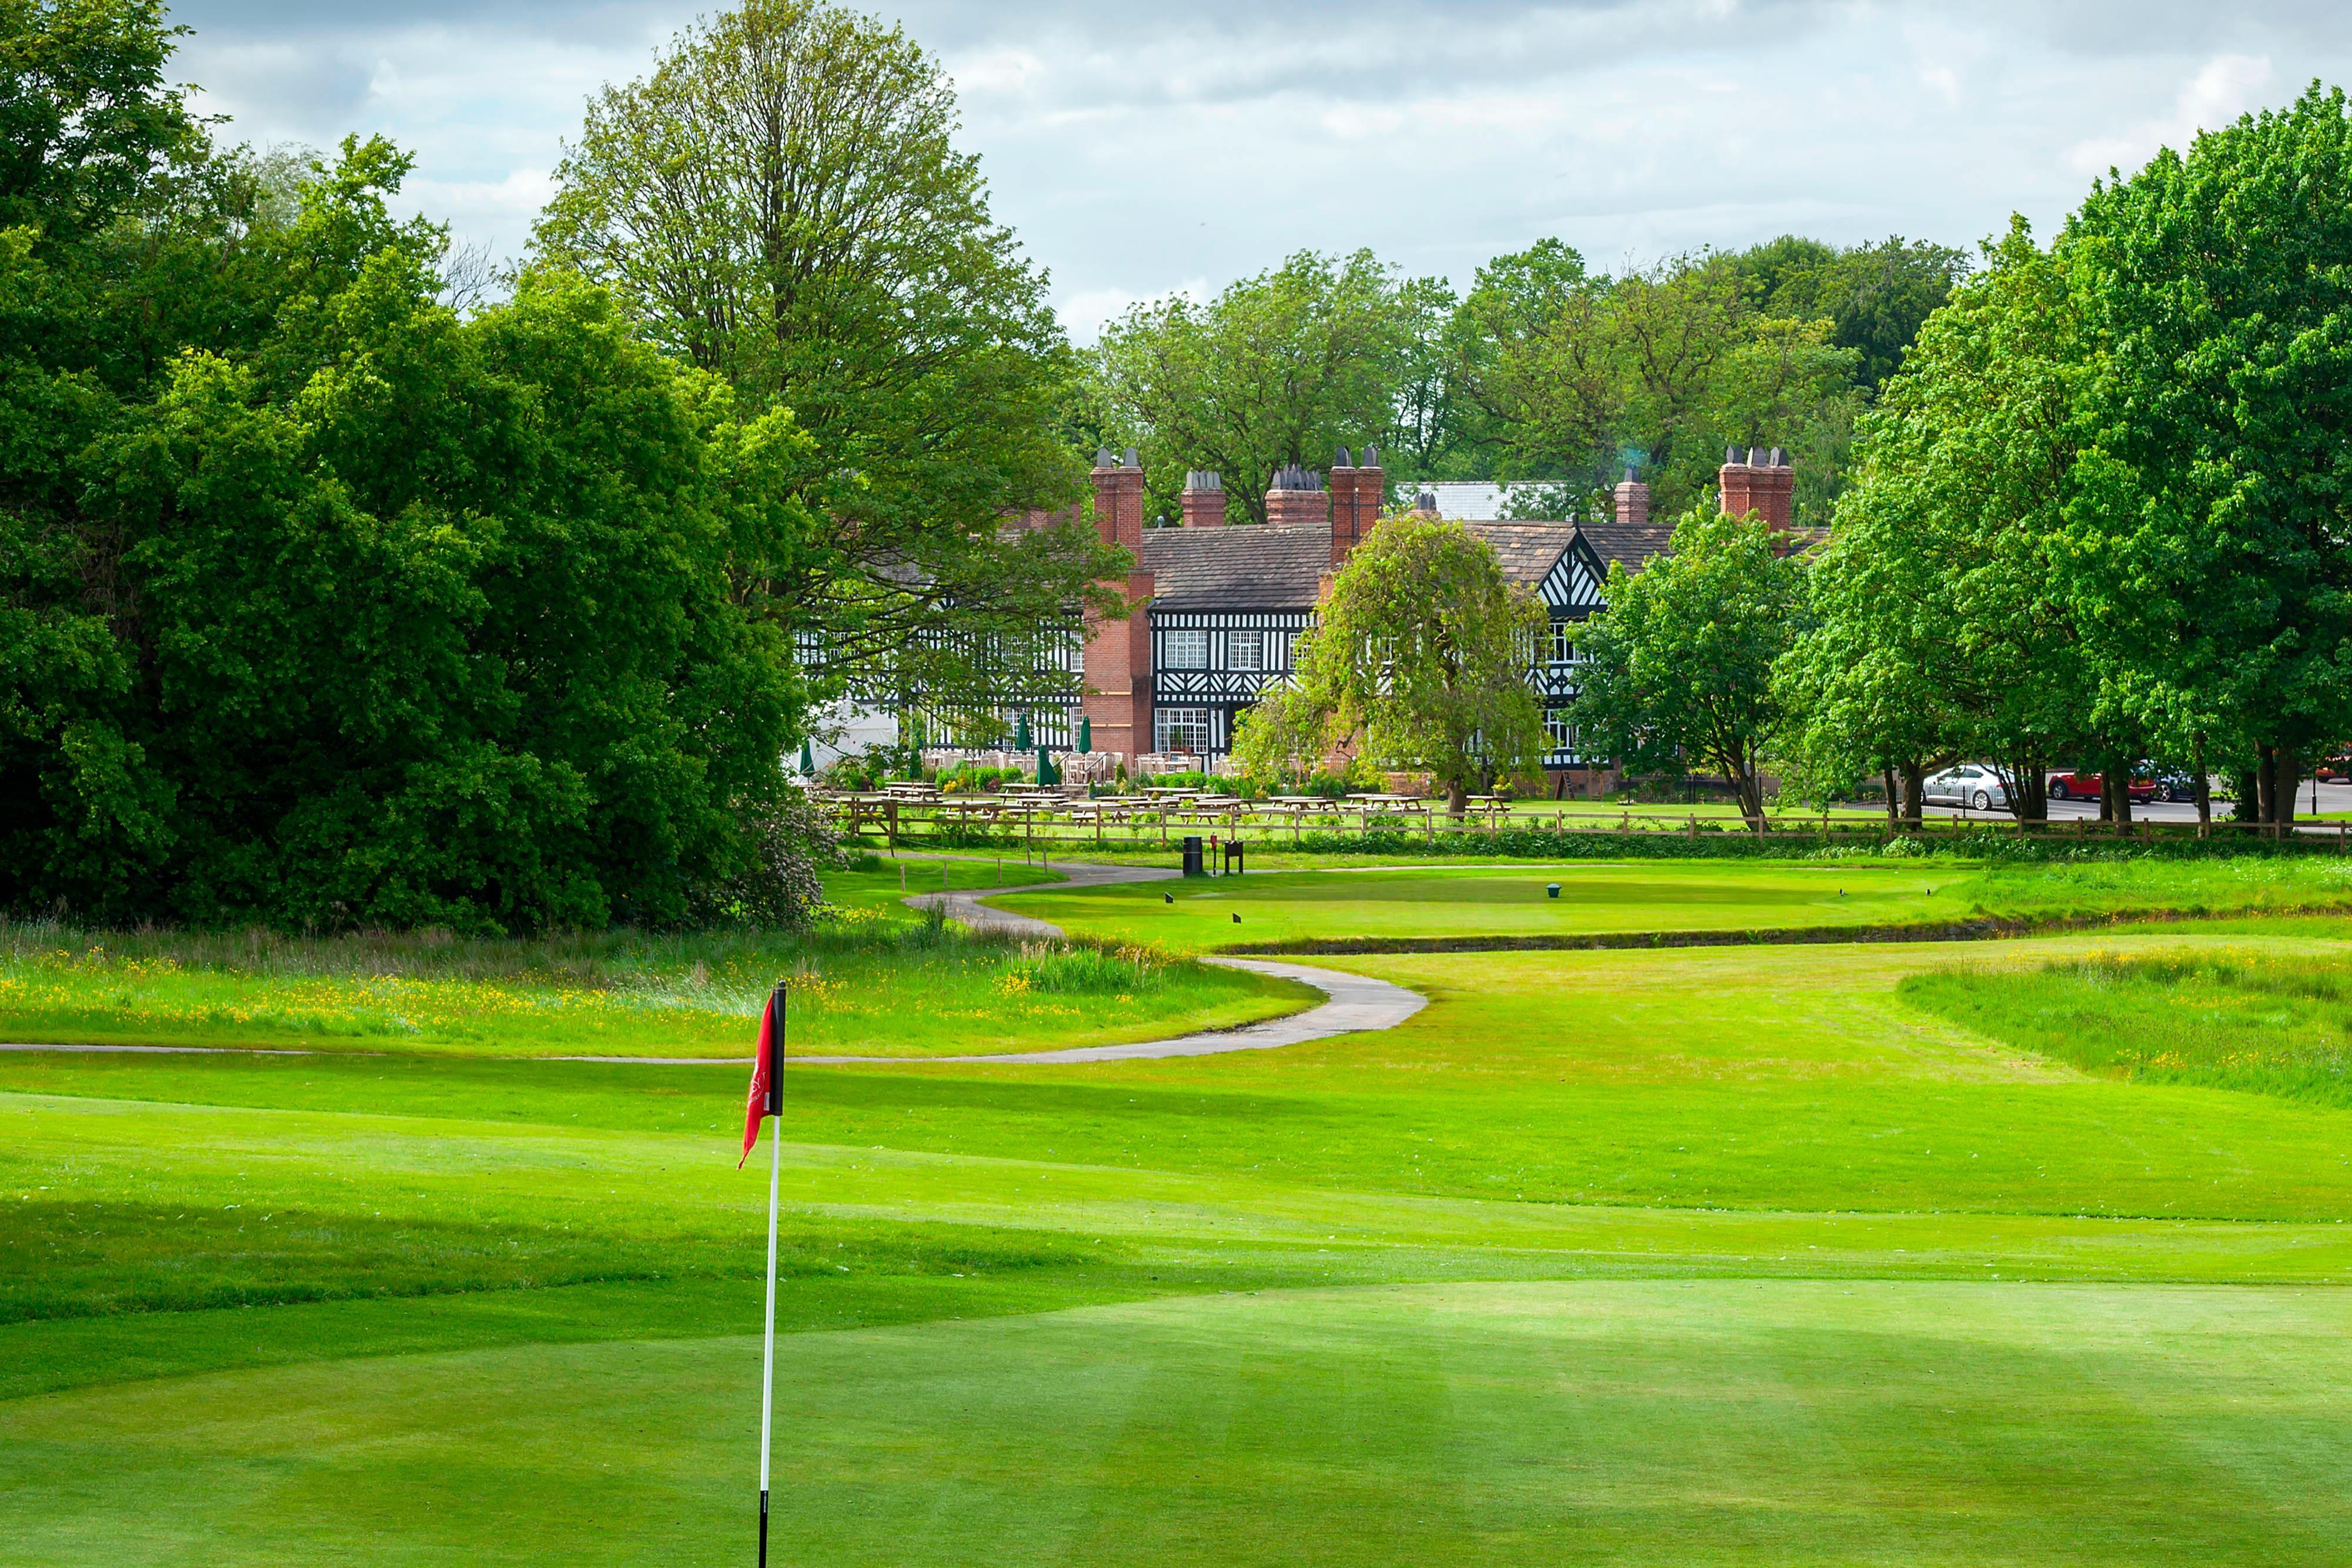 Worsley Park golf